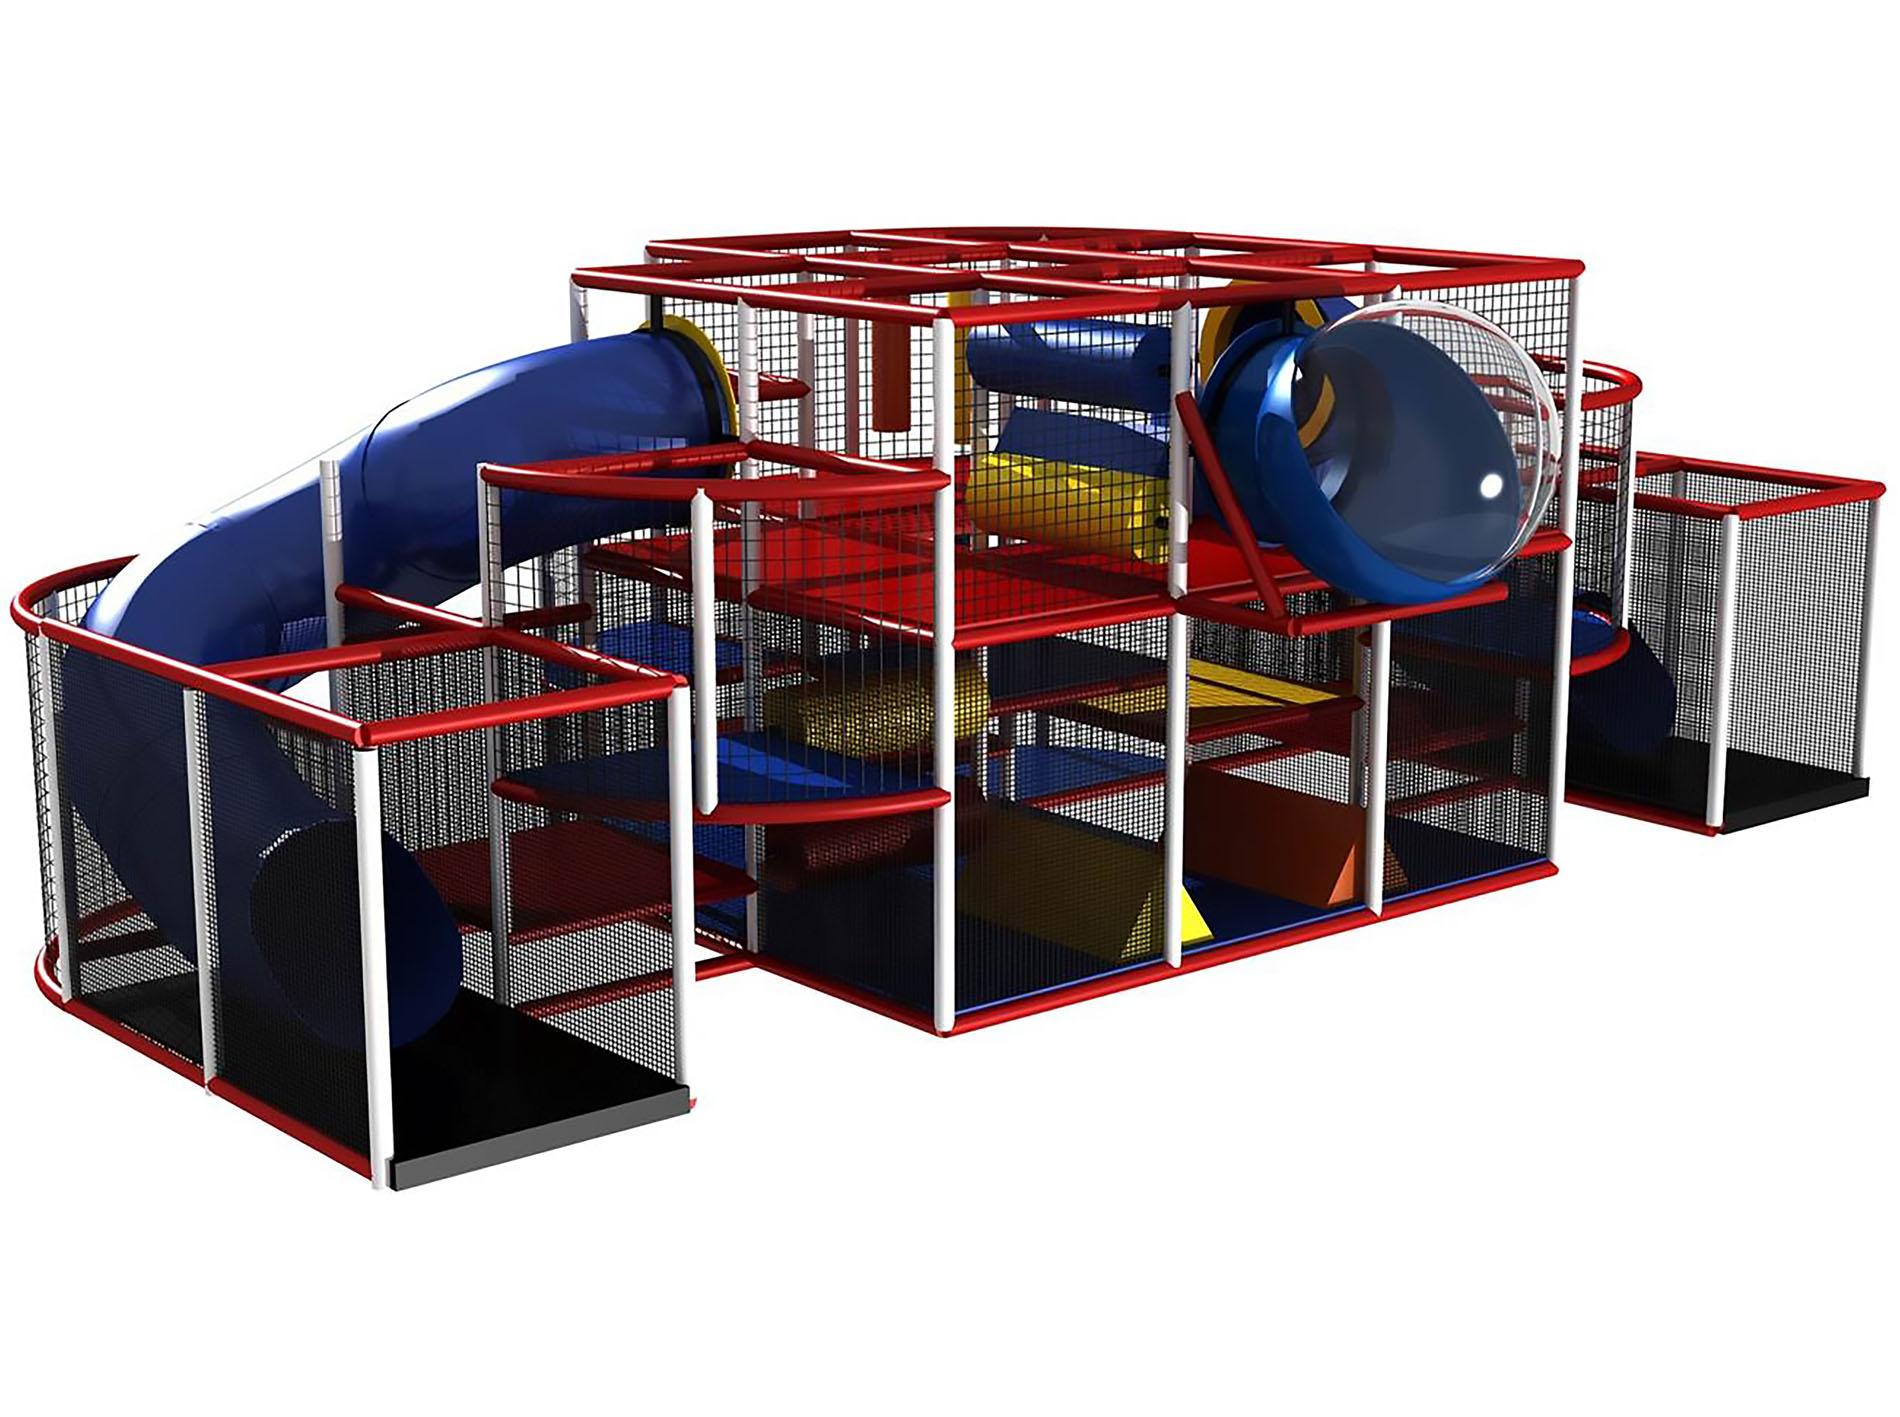 quote this playground